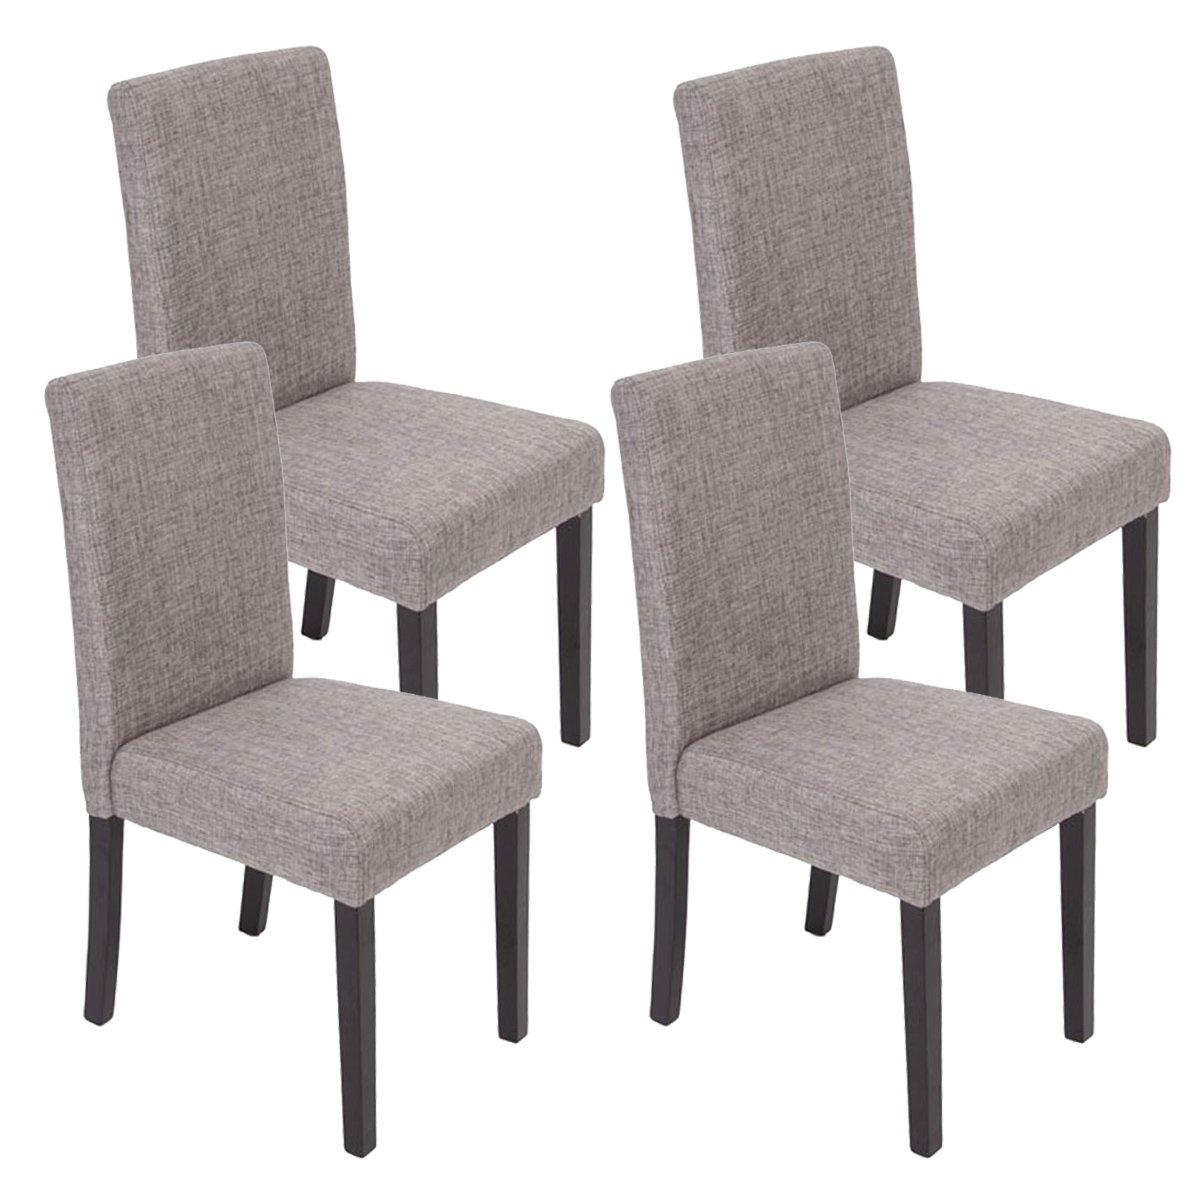 mendler lot de 4 chaises de sjour littau tissu gris pieds foncs amazonfr cuisine maison - Chaise En Tissu Gris